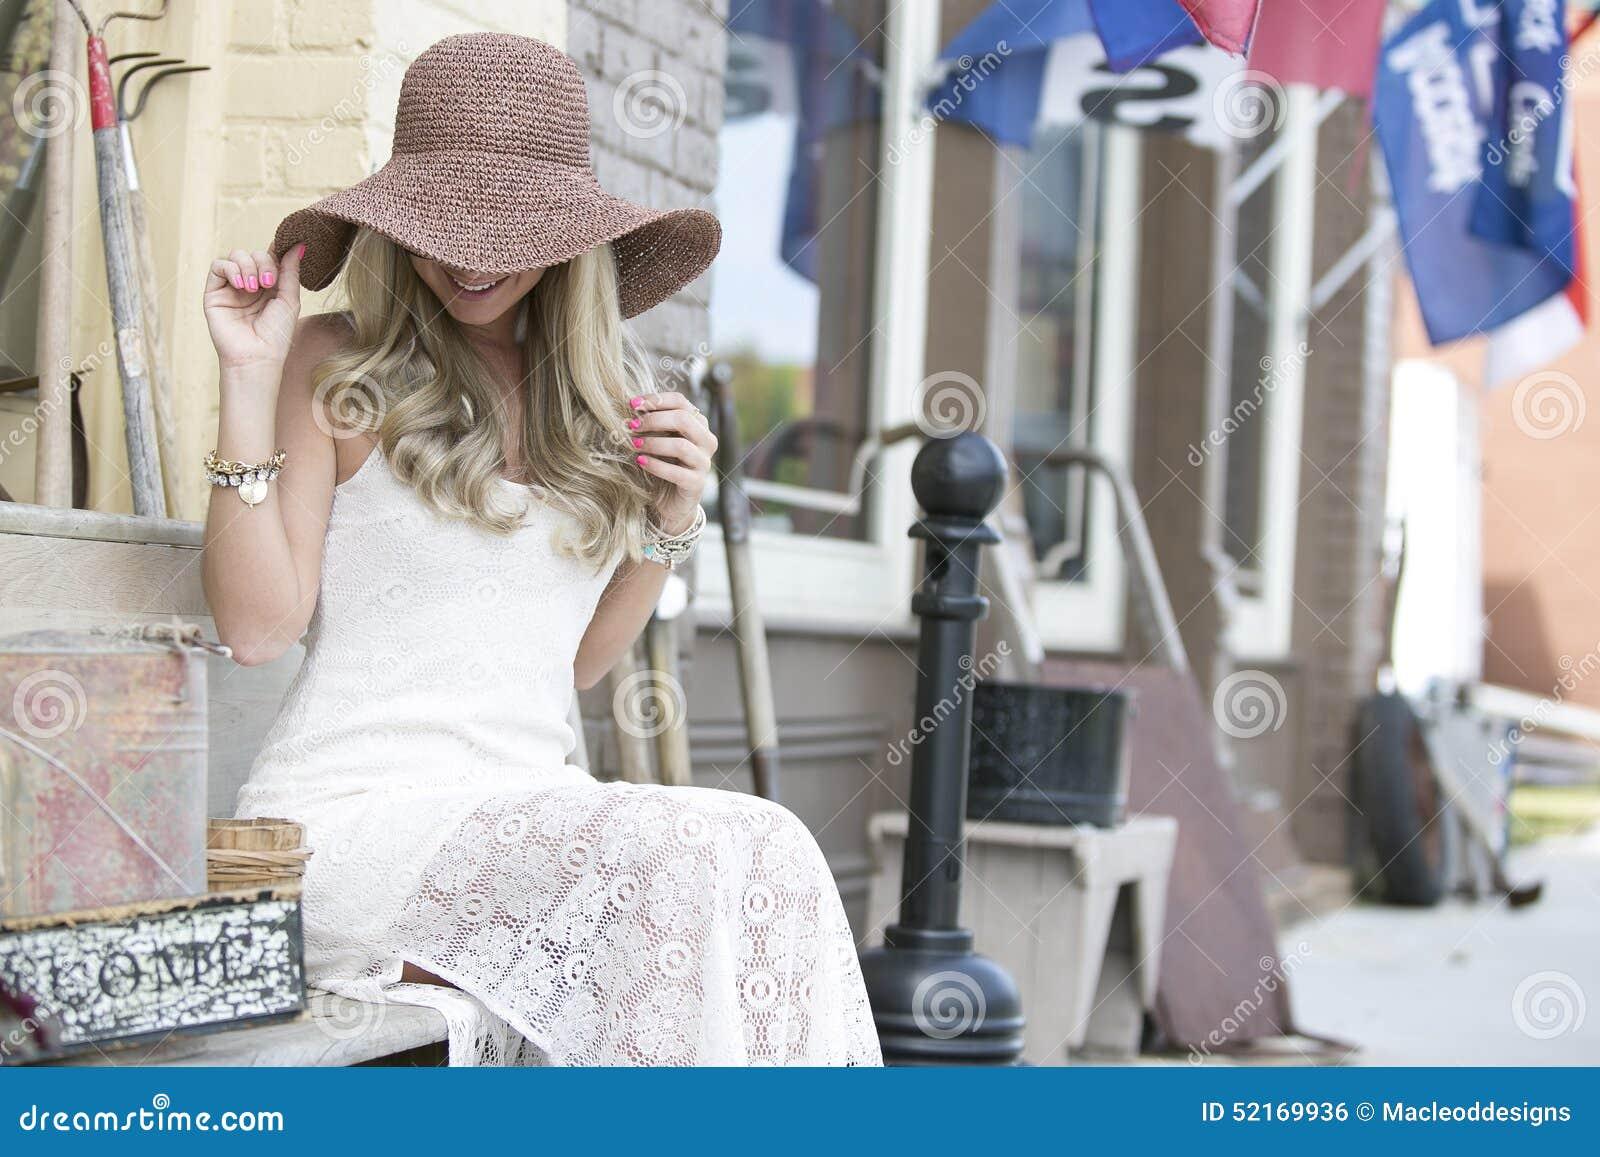 Giovane Donna Con Il Cappello Alla Moda Fotografia Stock ...